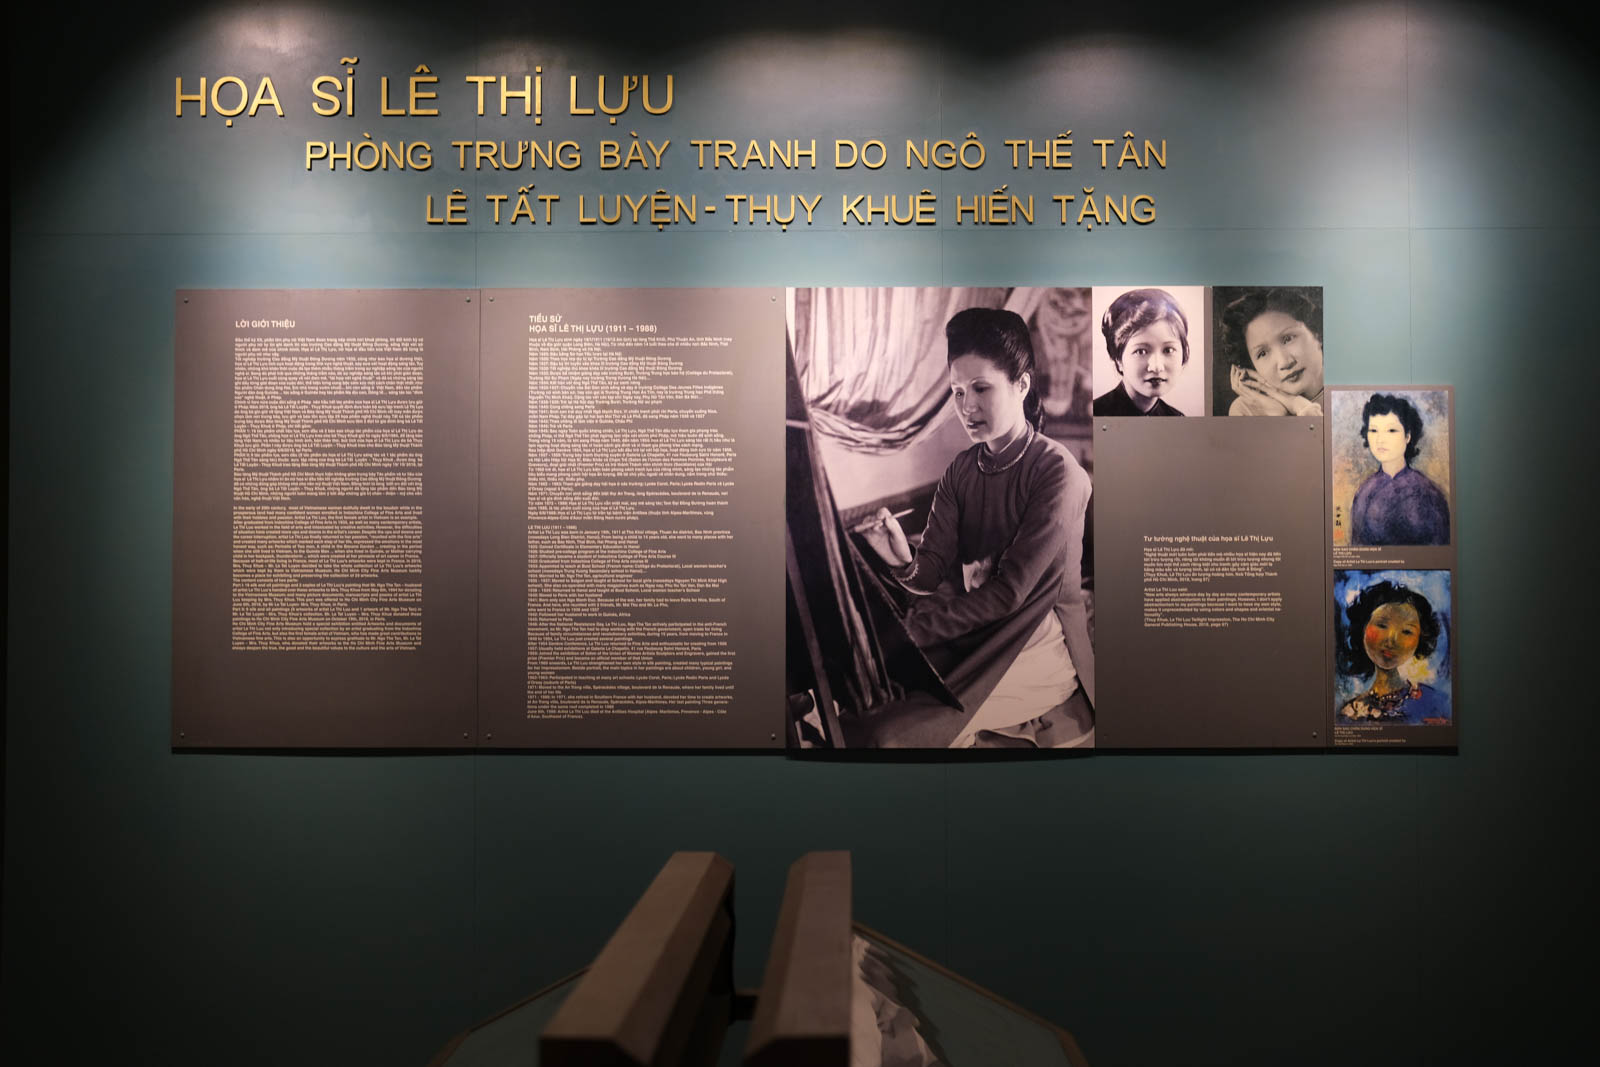 ベトナム人女性画家・レ・ティ・ルー (Lê Thị Lựu)